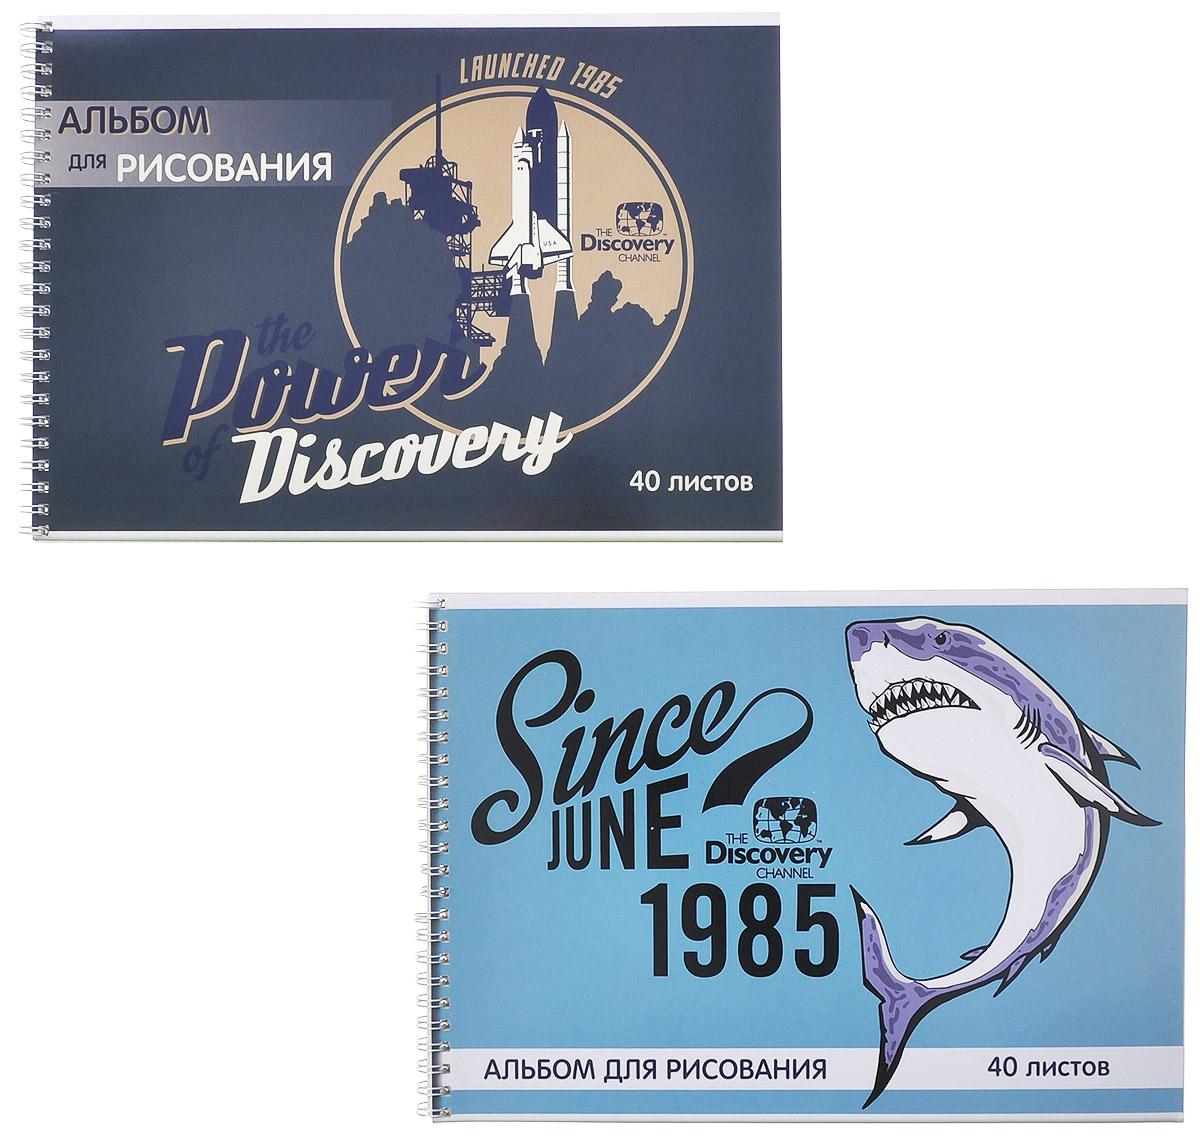 Action! Набор альбомов для рисования Discovery: Акула, ракета, 40 листов, 2 штDV-AA-40S_акула, ракетаАльбом для рисования Action! Discovery: Акула, ракета порадует маленького художника и вдохновит его на творчество. Альбомы изготовлены из белой офсетной бумаги с яркими обложками из высококачественного целлюлозного мелованного картона. Высокое качество бумаги позволяет рисовать в альбоме карандашами, фломастерами, акварельными и гуашевыми красками. В наборе два альбома. Крепление: спираль. Создание собственных картинок приносит детям настоящее удовольствие. И увлечение изобразительным творчеством носит не только развлекательный характер: оно развивает цветовое восприятие, зрительную память и воображение. Во время рисования совершенствуется ассоциативное, аналитическое и творческое мышление. Занимаясь изобразительным творчеством, малыш тренирует мелкую моторику рук, становится более усидчивым и спокойным и, конечно, приобщается к общечеловеческой культуре.